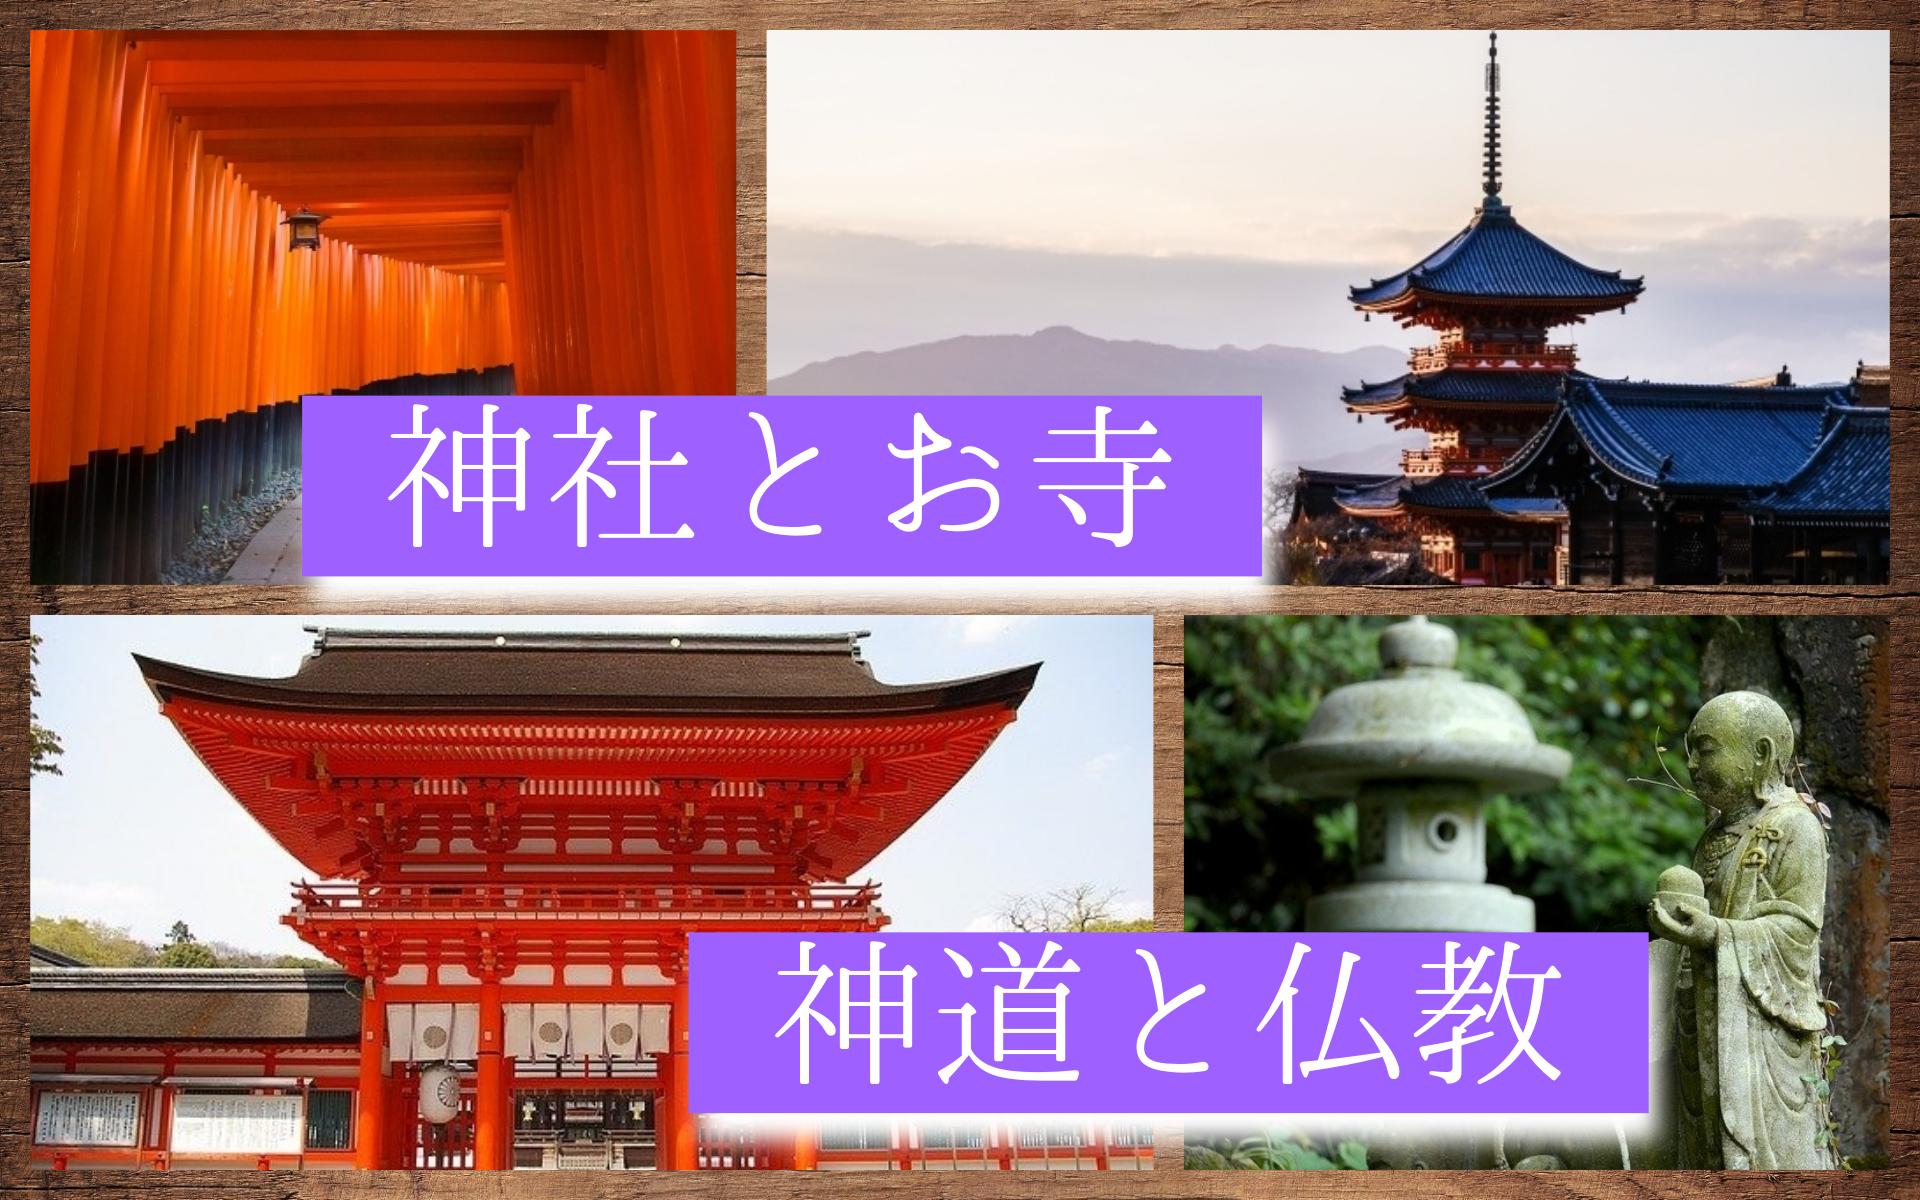 知っておきたい大人の教養【神社とお寺】【神道と仏教】